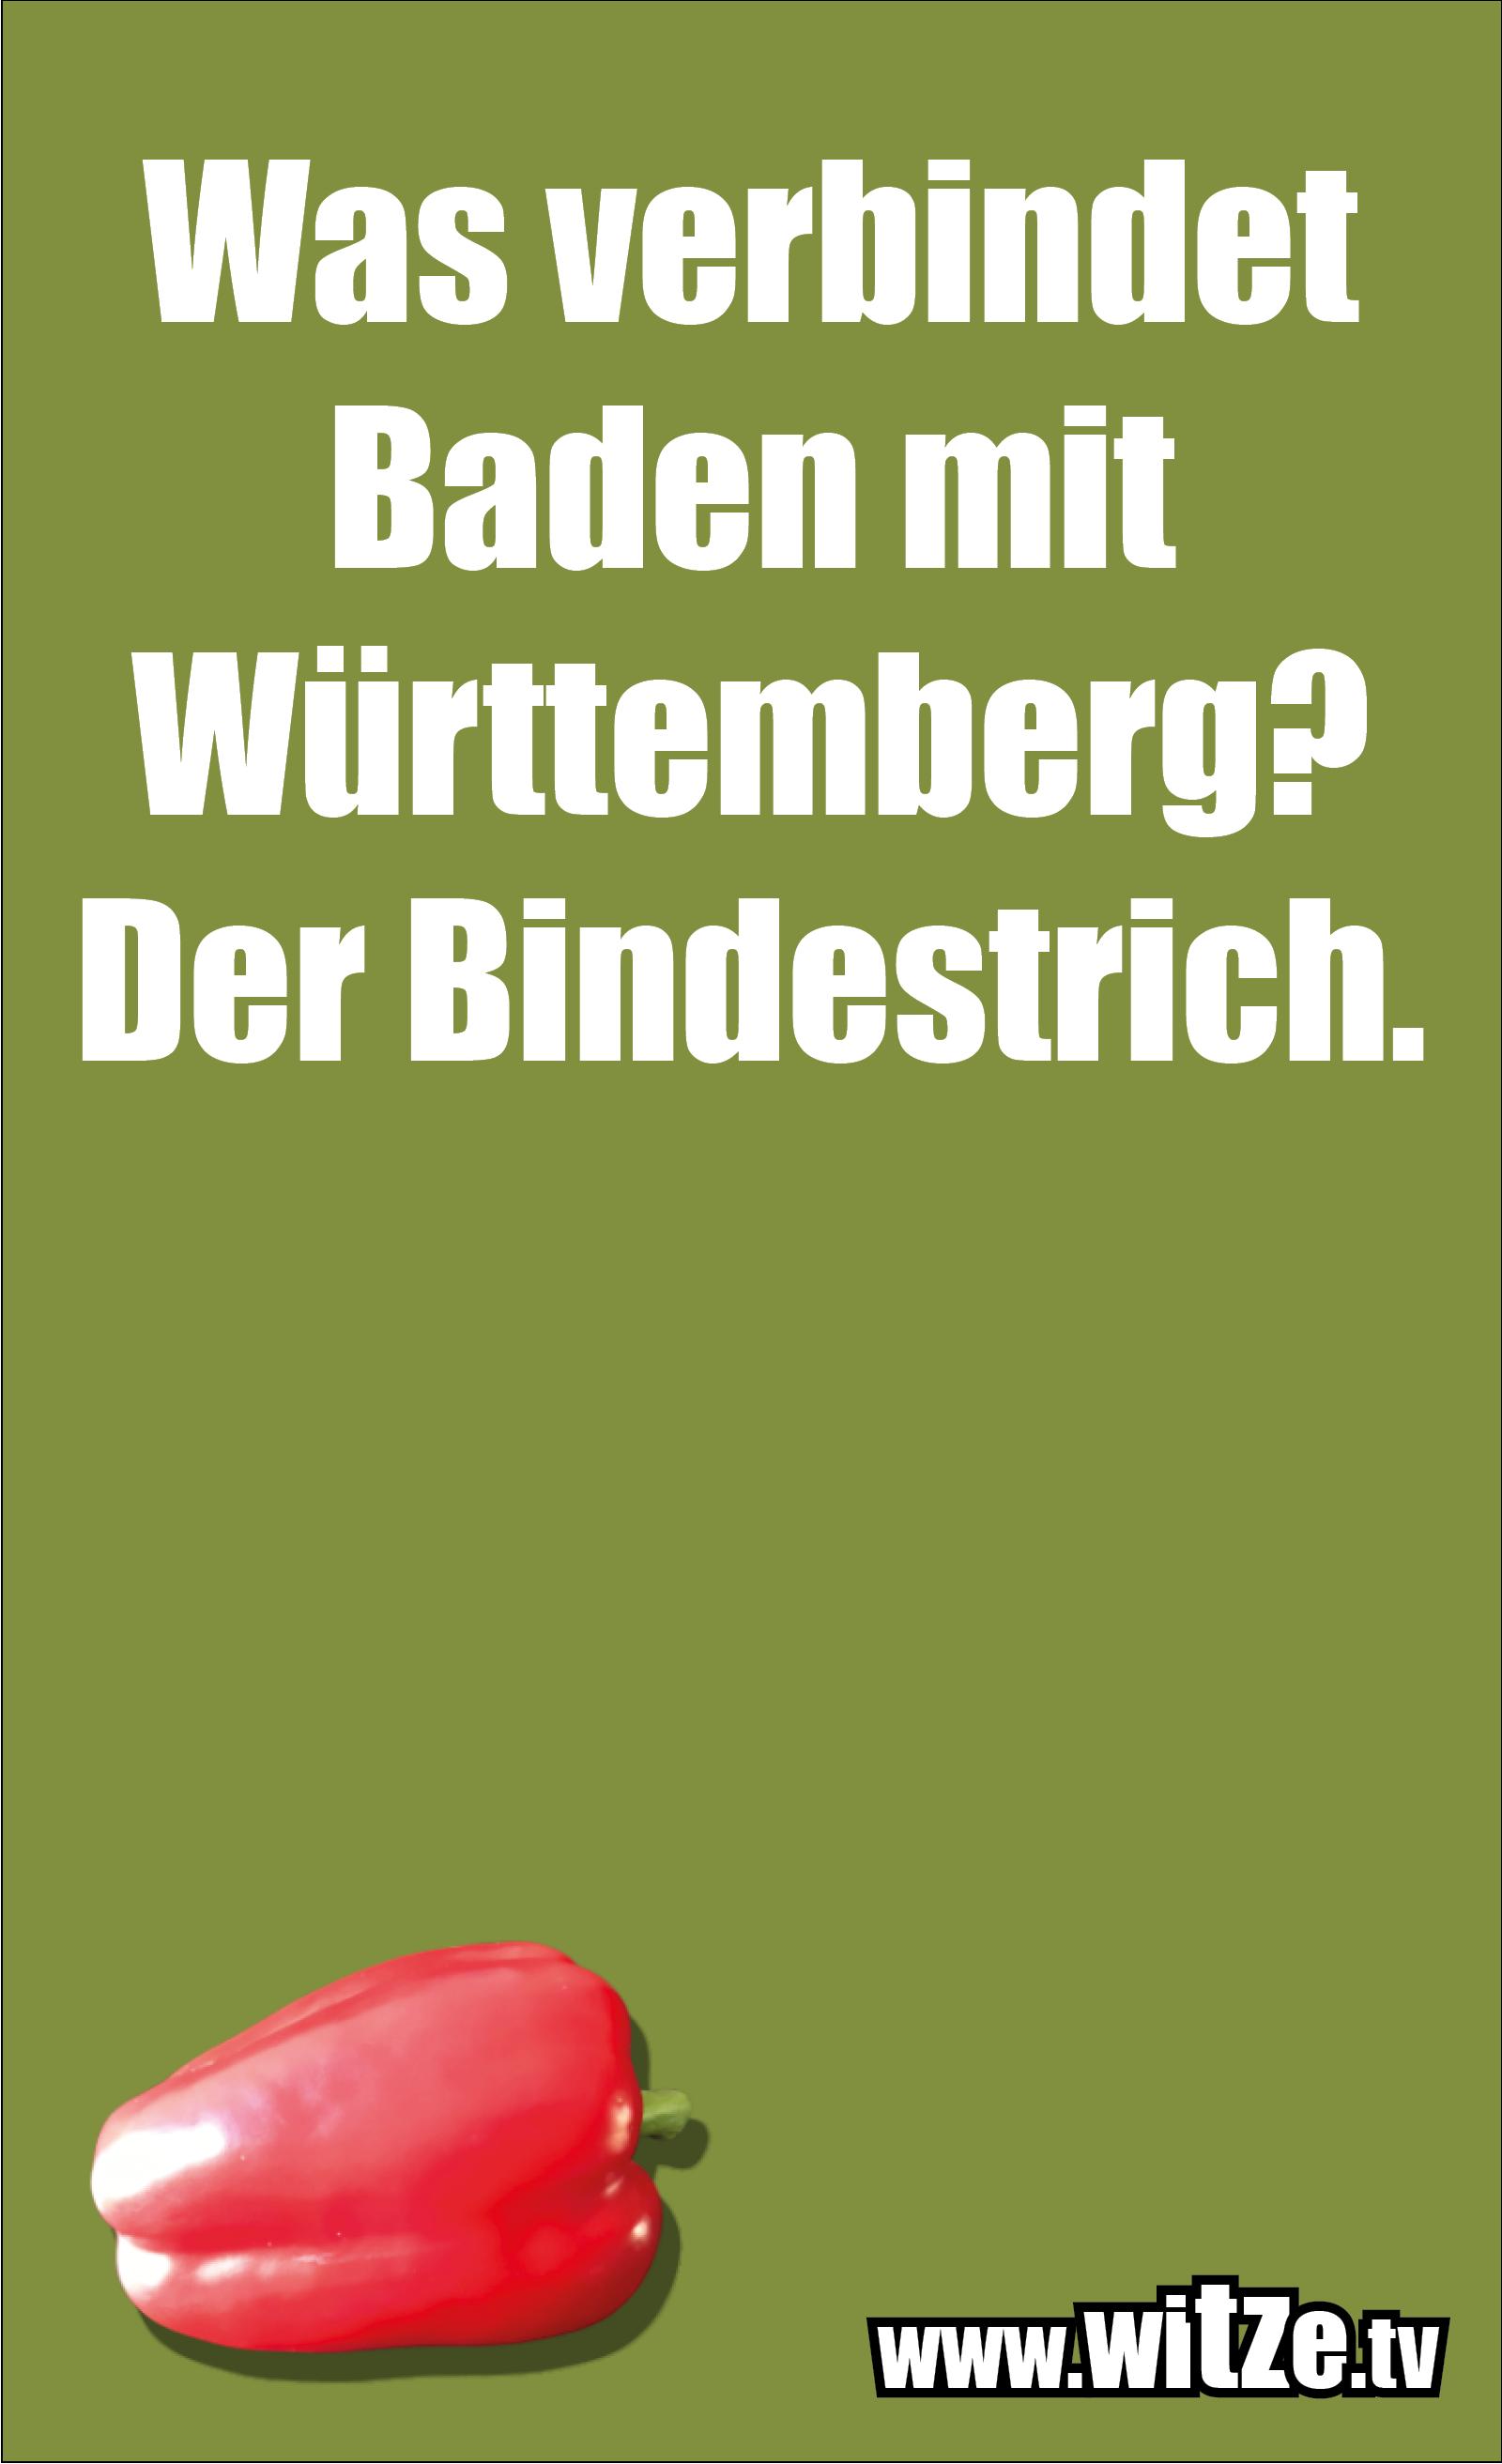 Schwaben Witz… Was verbindet Baden mit Württemberg? Der Bindestrich.